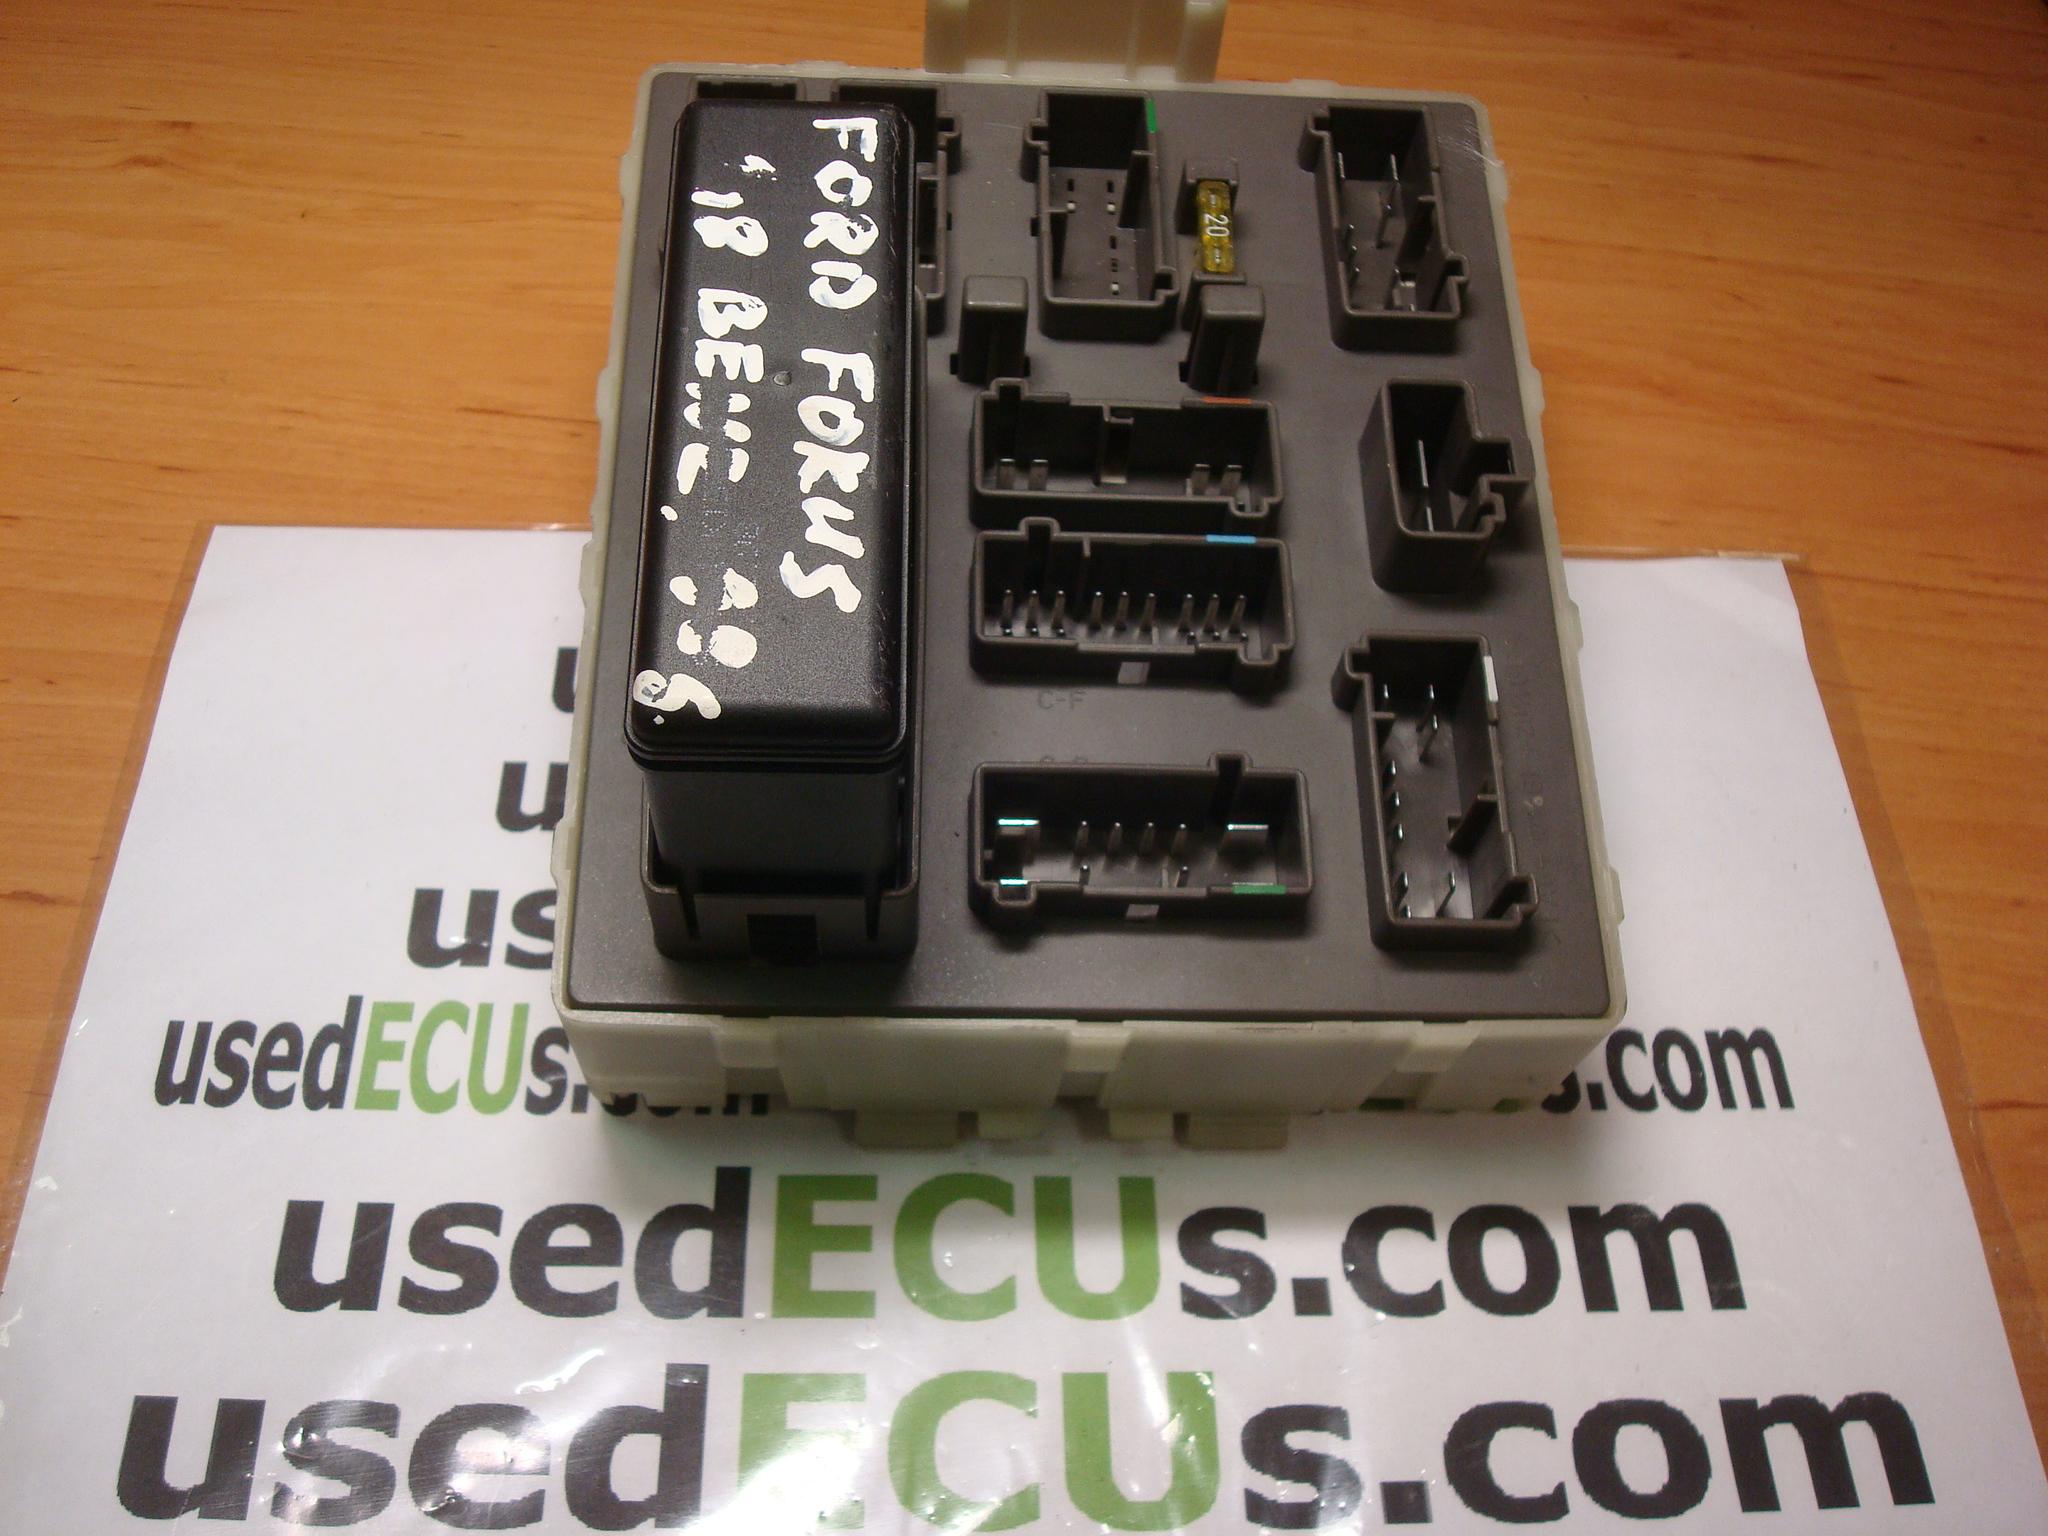 ford focus, 98-04, petrol fuse box, 98ag14a073ce, 518236609 - usedecus.com  catalog - usedecus.com